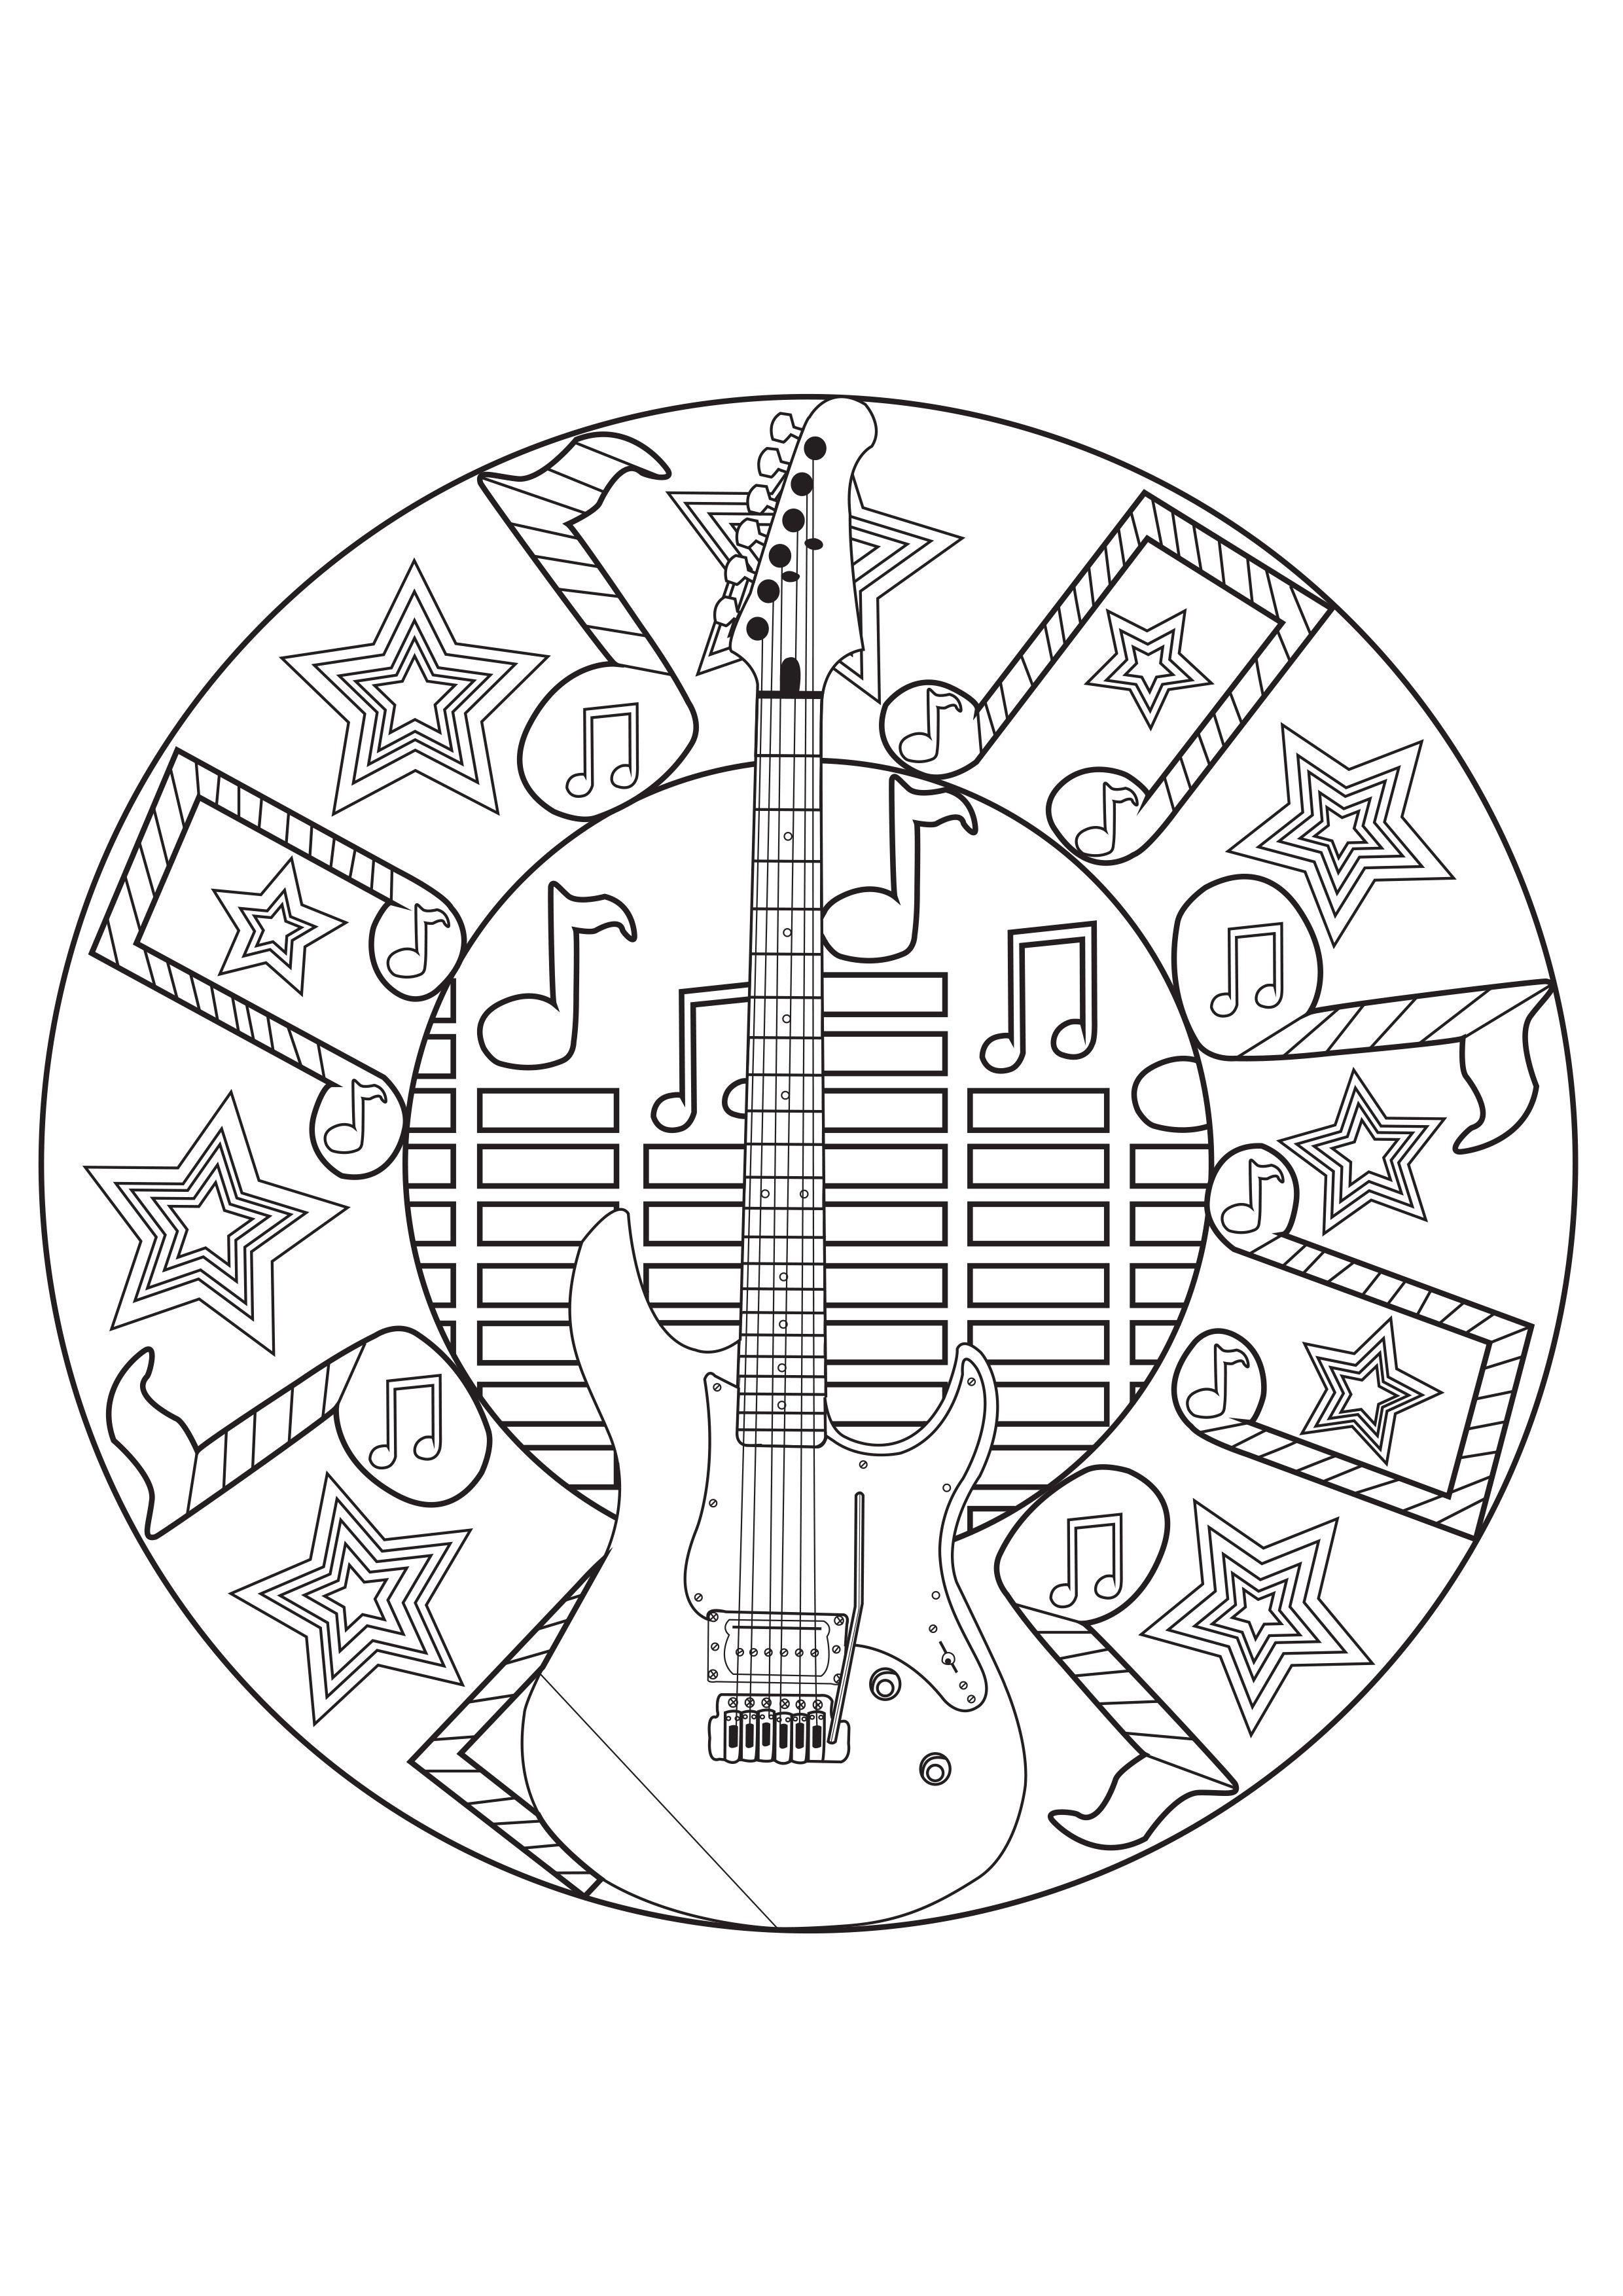 Coloriage Adulte Mandala Musique A Partir De La Galerie Mandalas